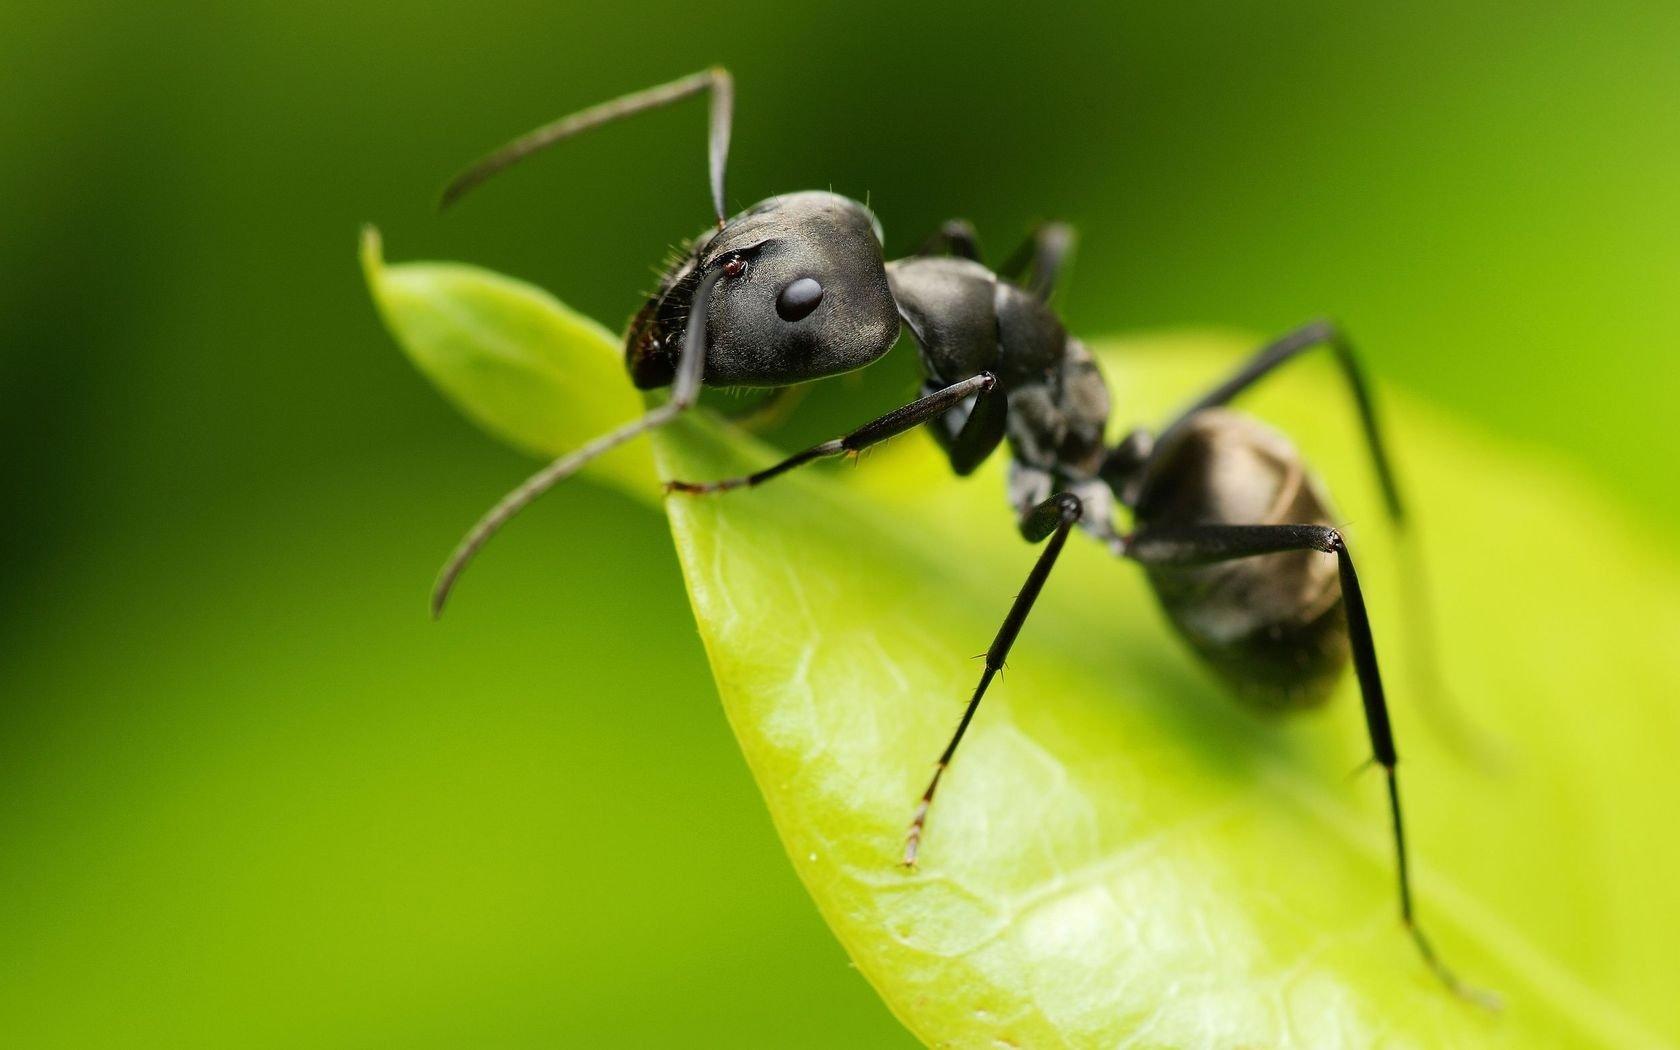 Как выглядит самка рыжего домашнего муравья